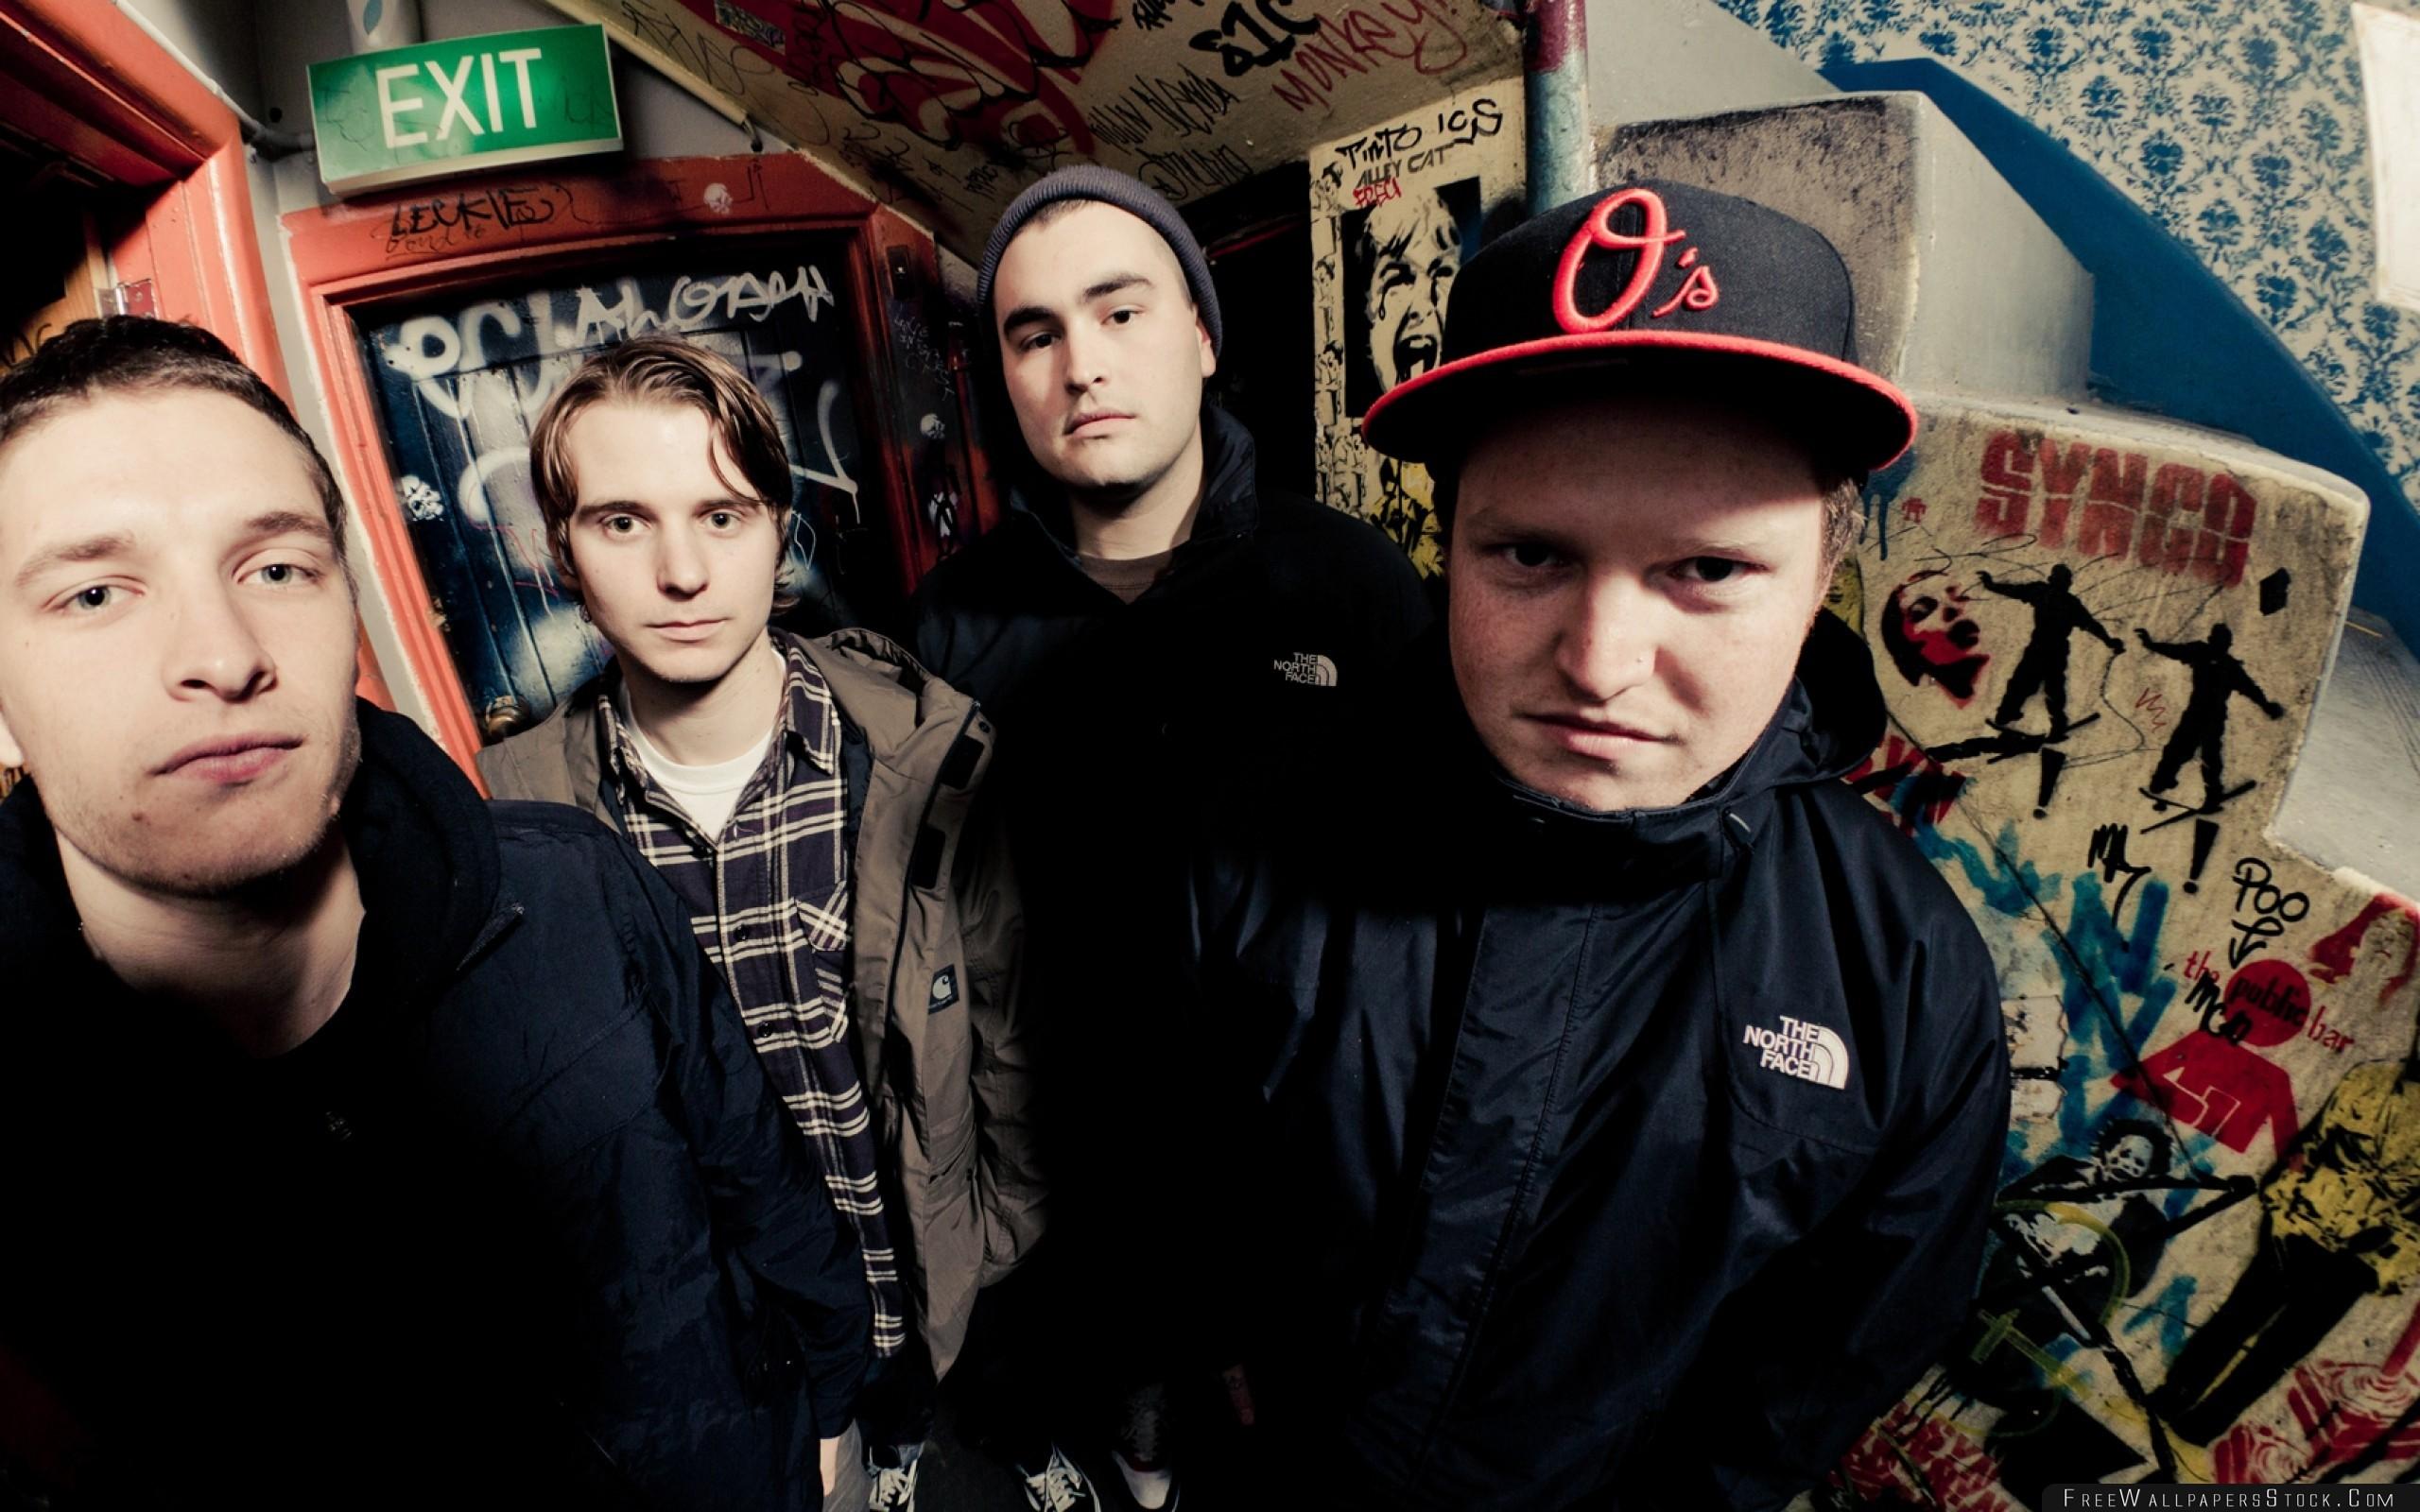 Download Free Wallpaper Warbrain Band Faces Doors Graffiti